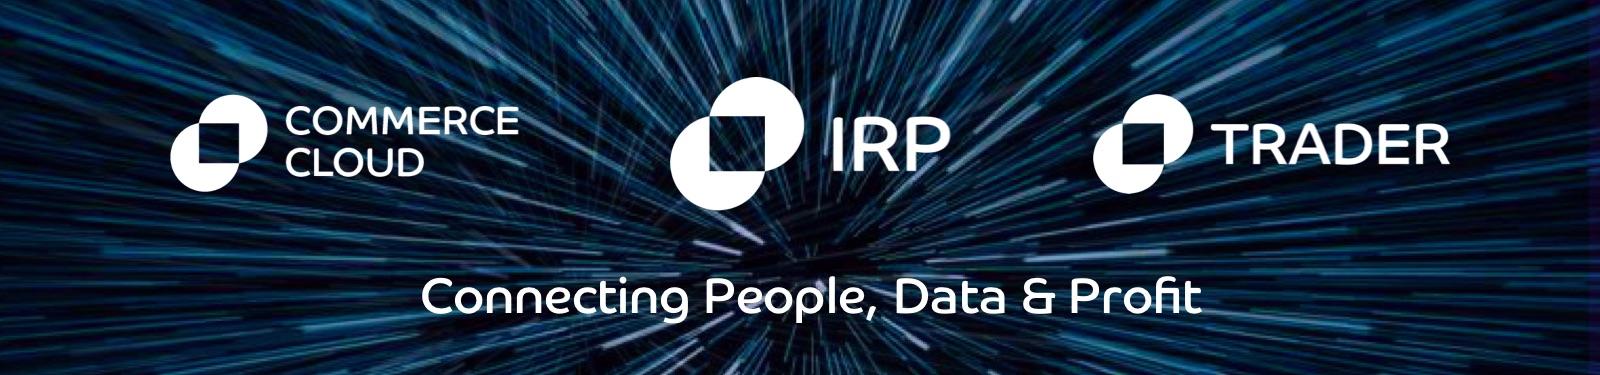 IRP V8 Signals the Arrival of a Profit-Driven Era